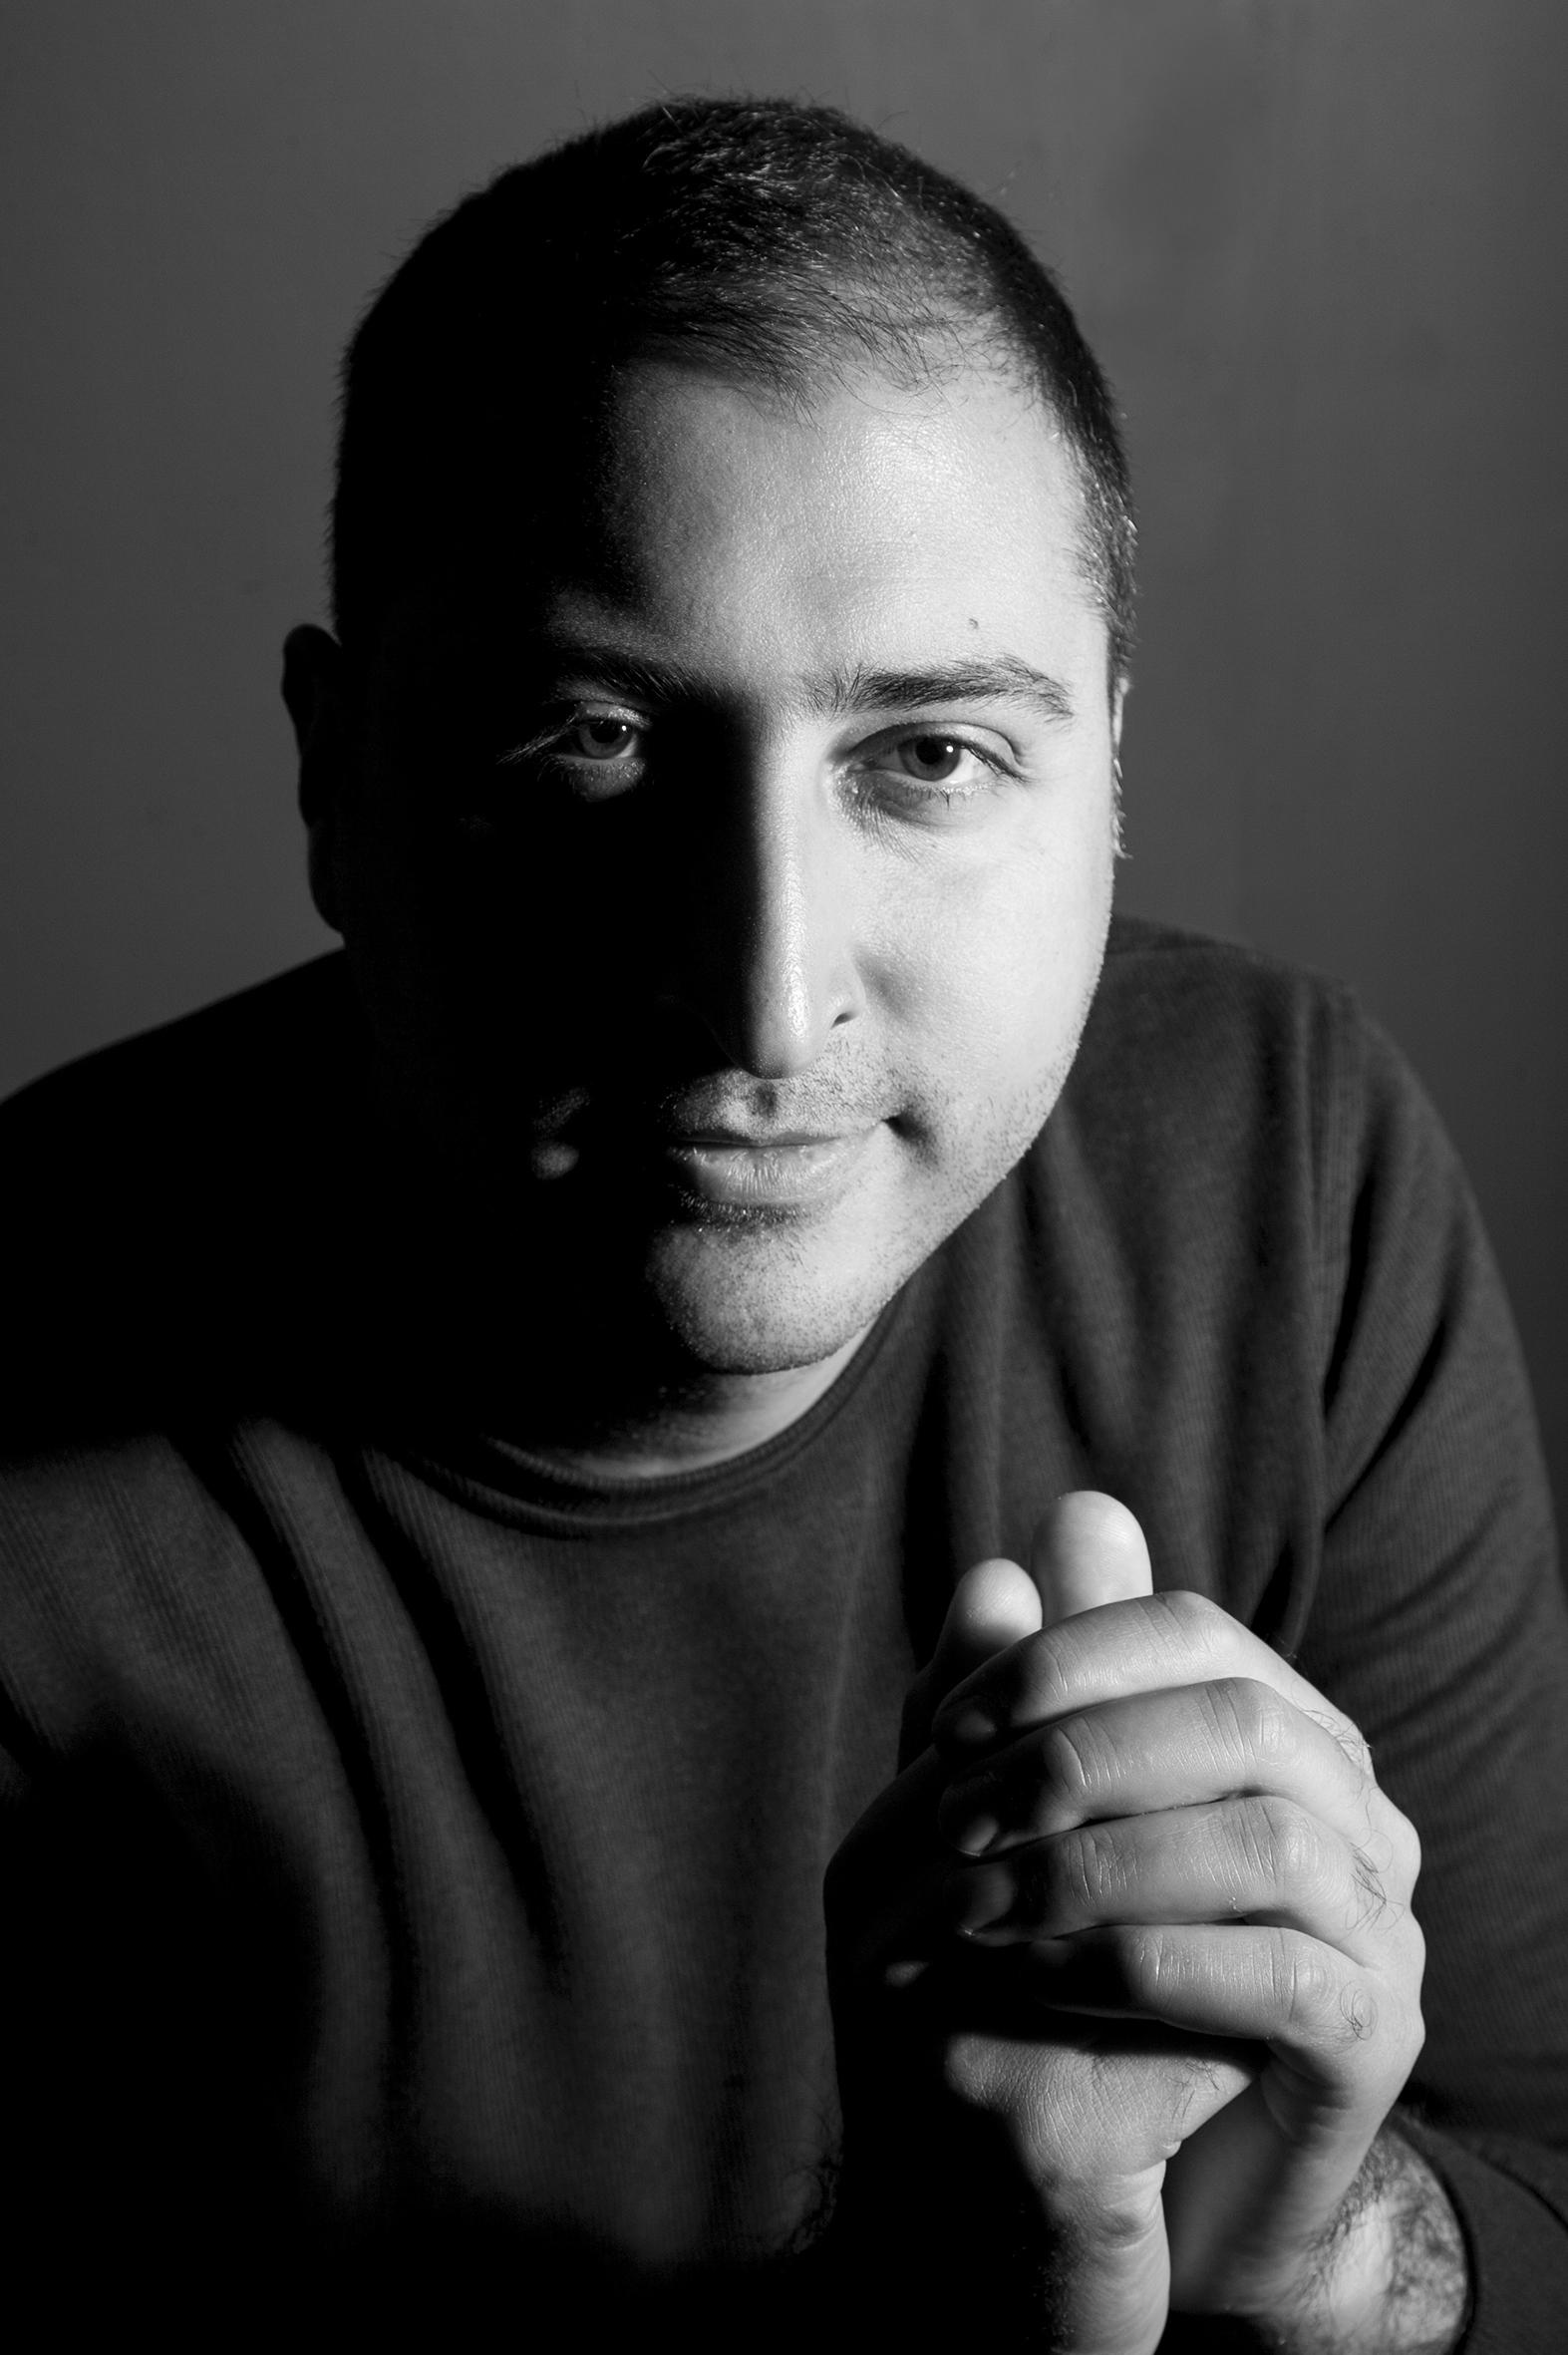 Mahdi Farrokhi